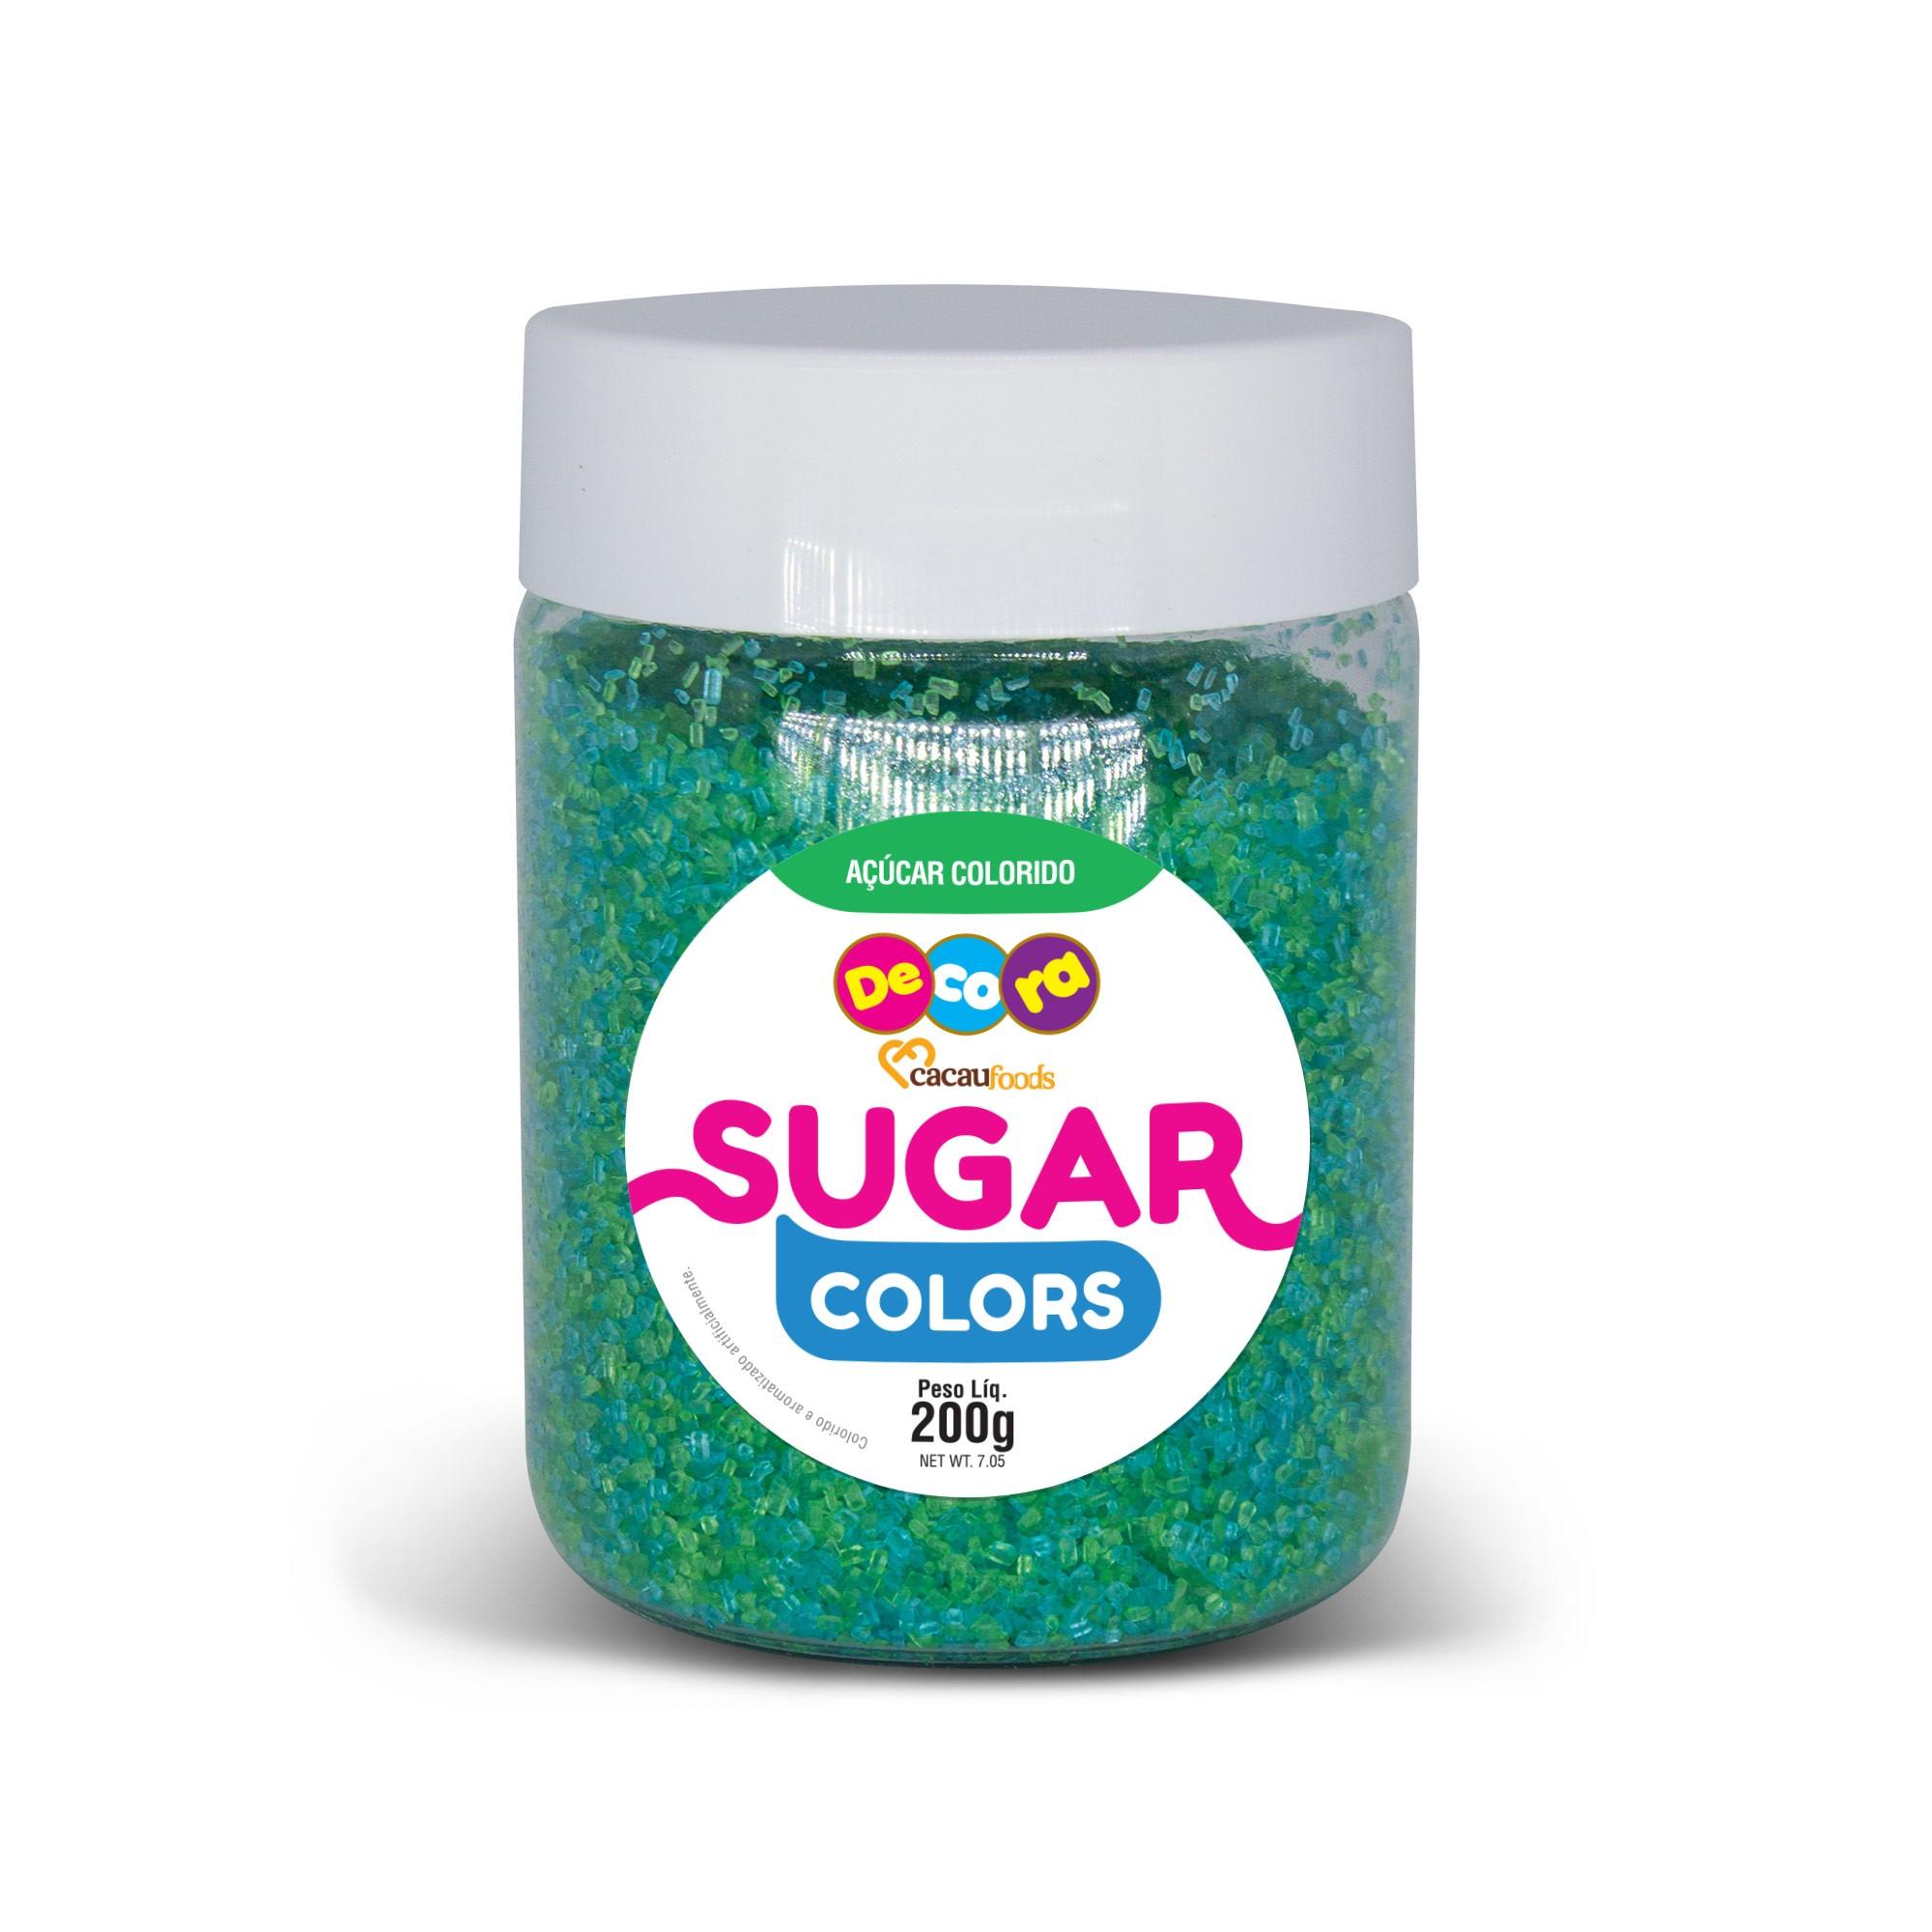 Açúcar Colorido Sugar Colors Tiffany 200g